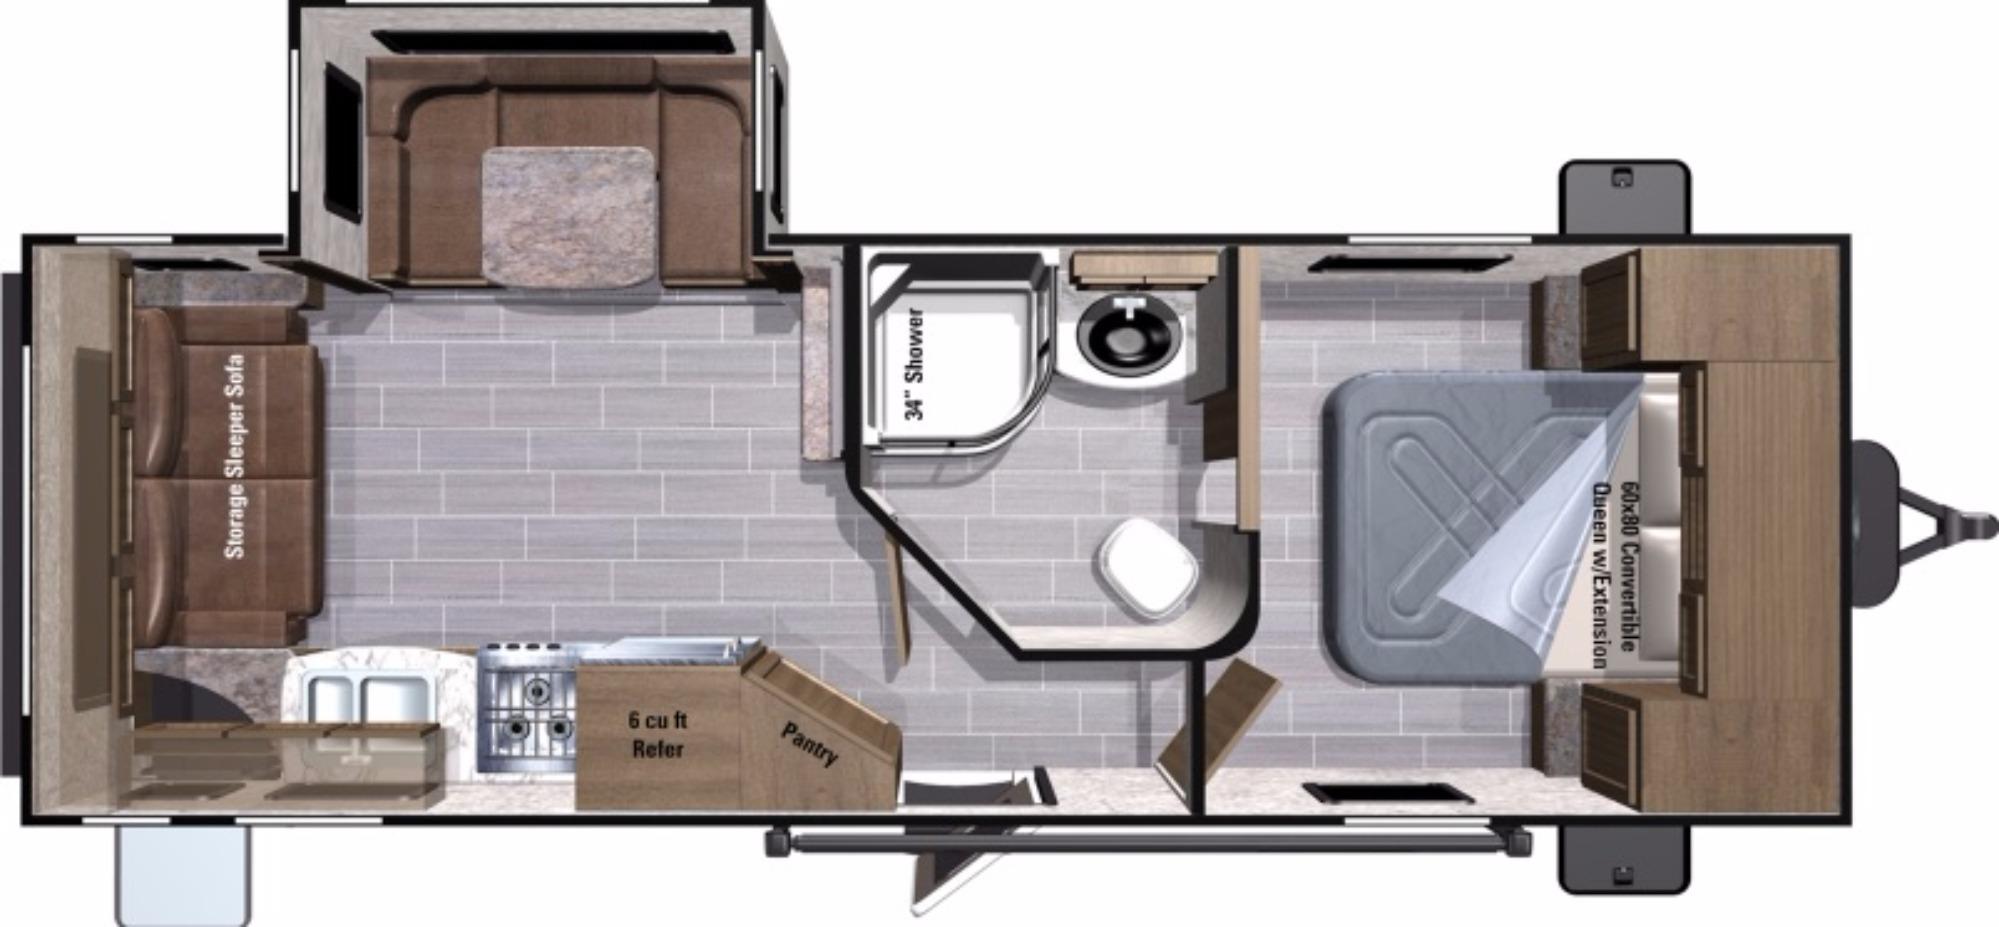 View Floor Plan for 2018 HIGHLAND RIDGE OPEN RANGE ULTRA LITE 2410RL